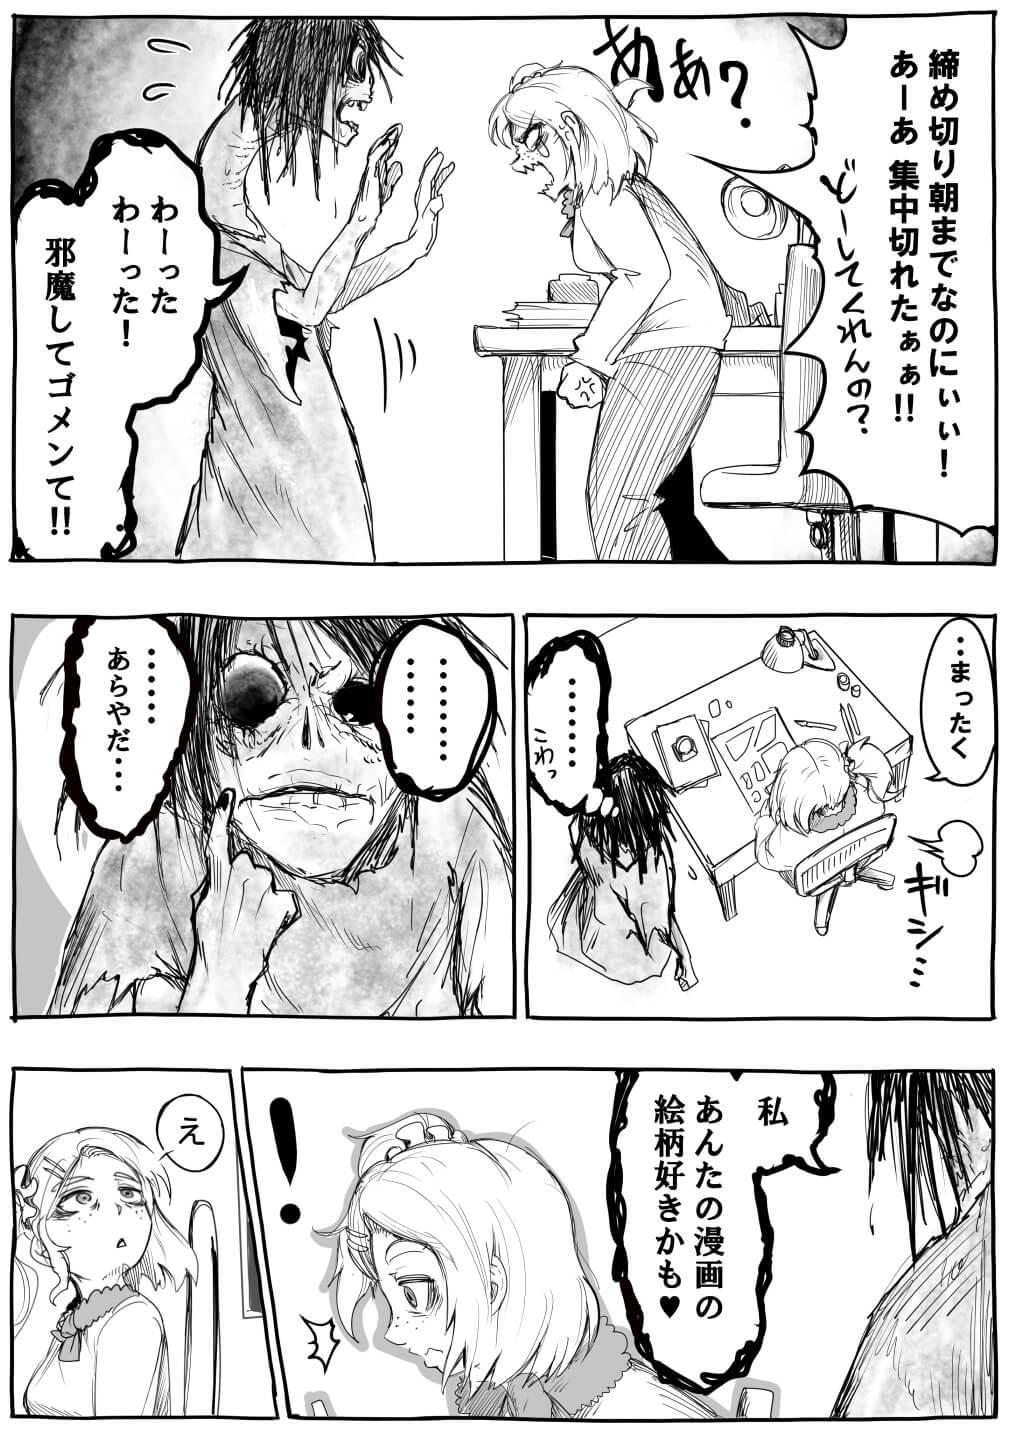 〆切り前夜の漫画家さん1-3